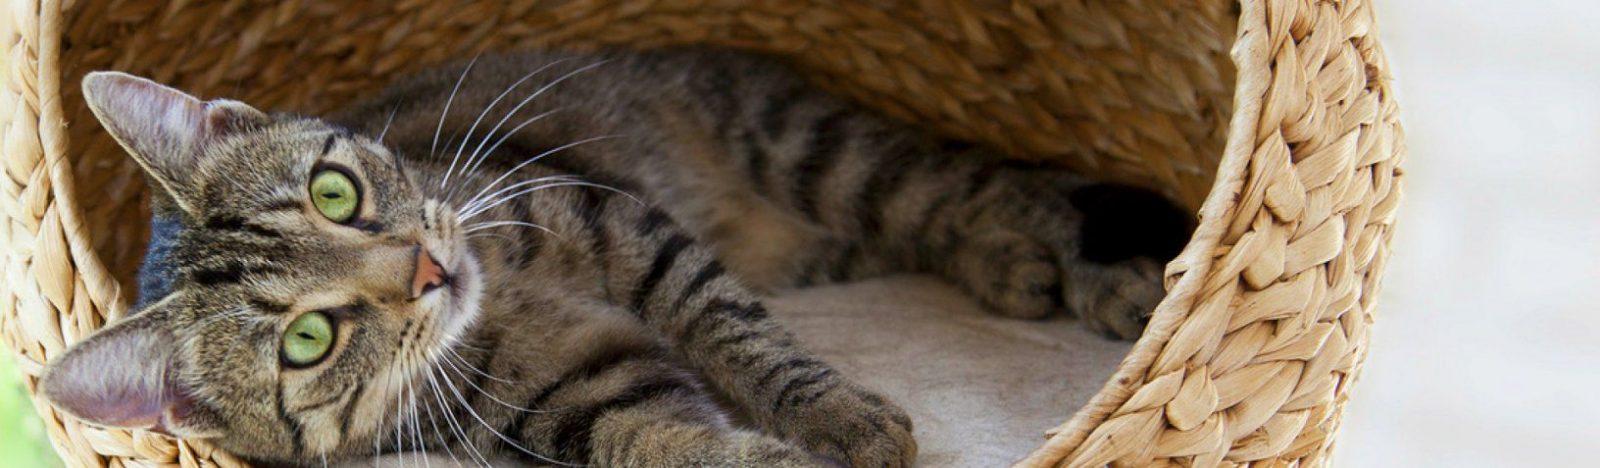 Katzenurin Und Gestank Entfernen  So Geht's  Kratzbaumkauf von Katzenurin Aus Teppich Entfernen Photo